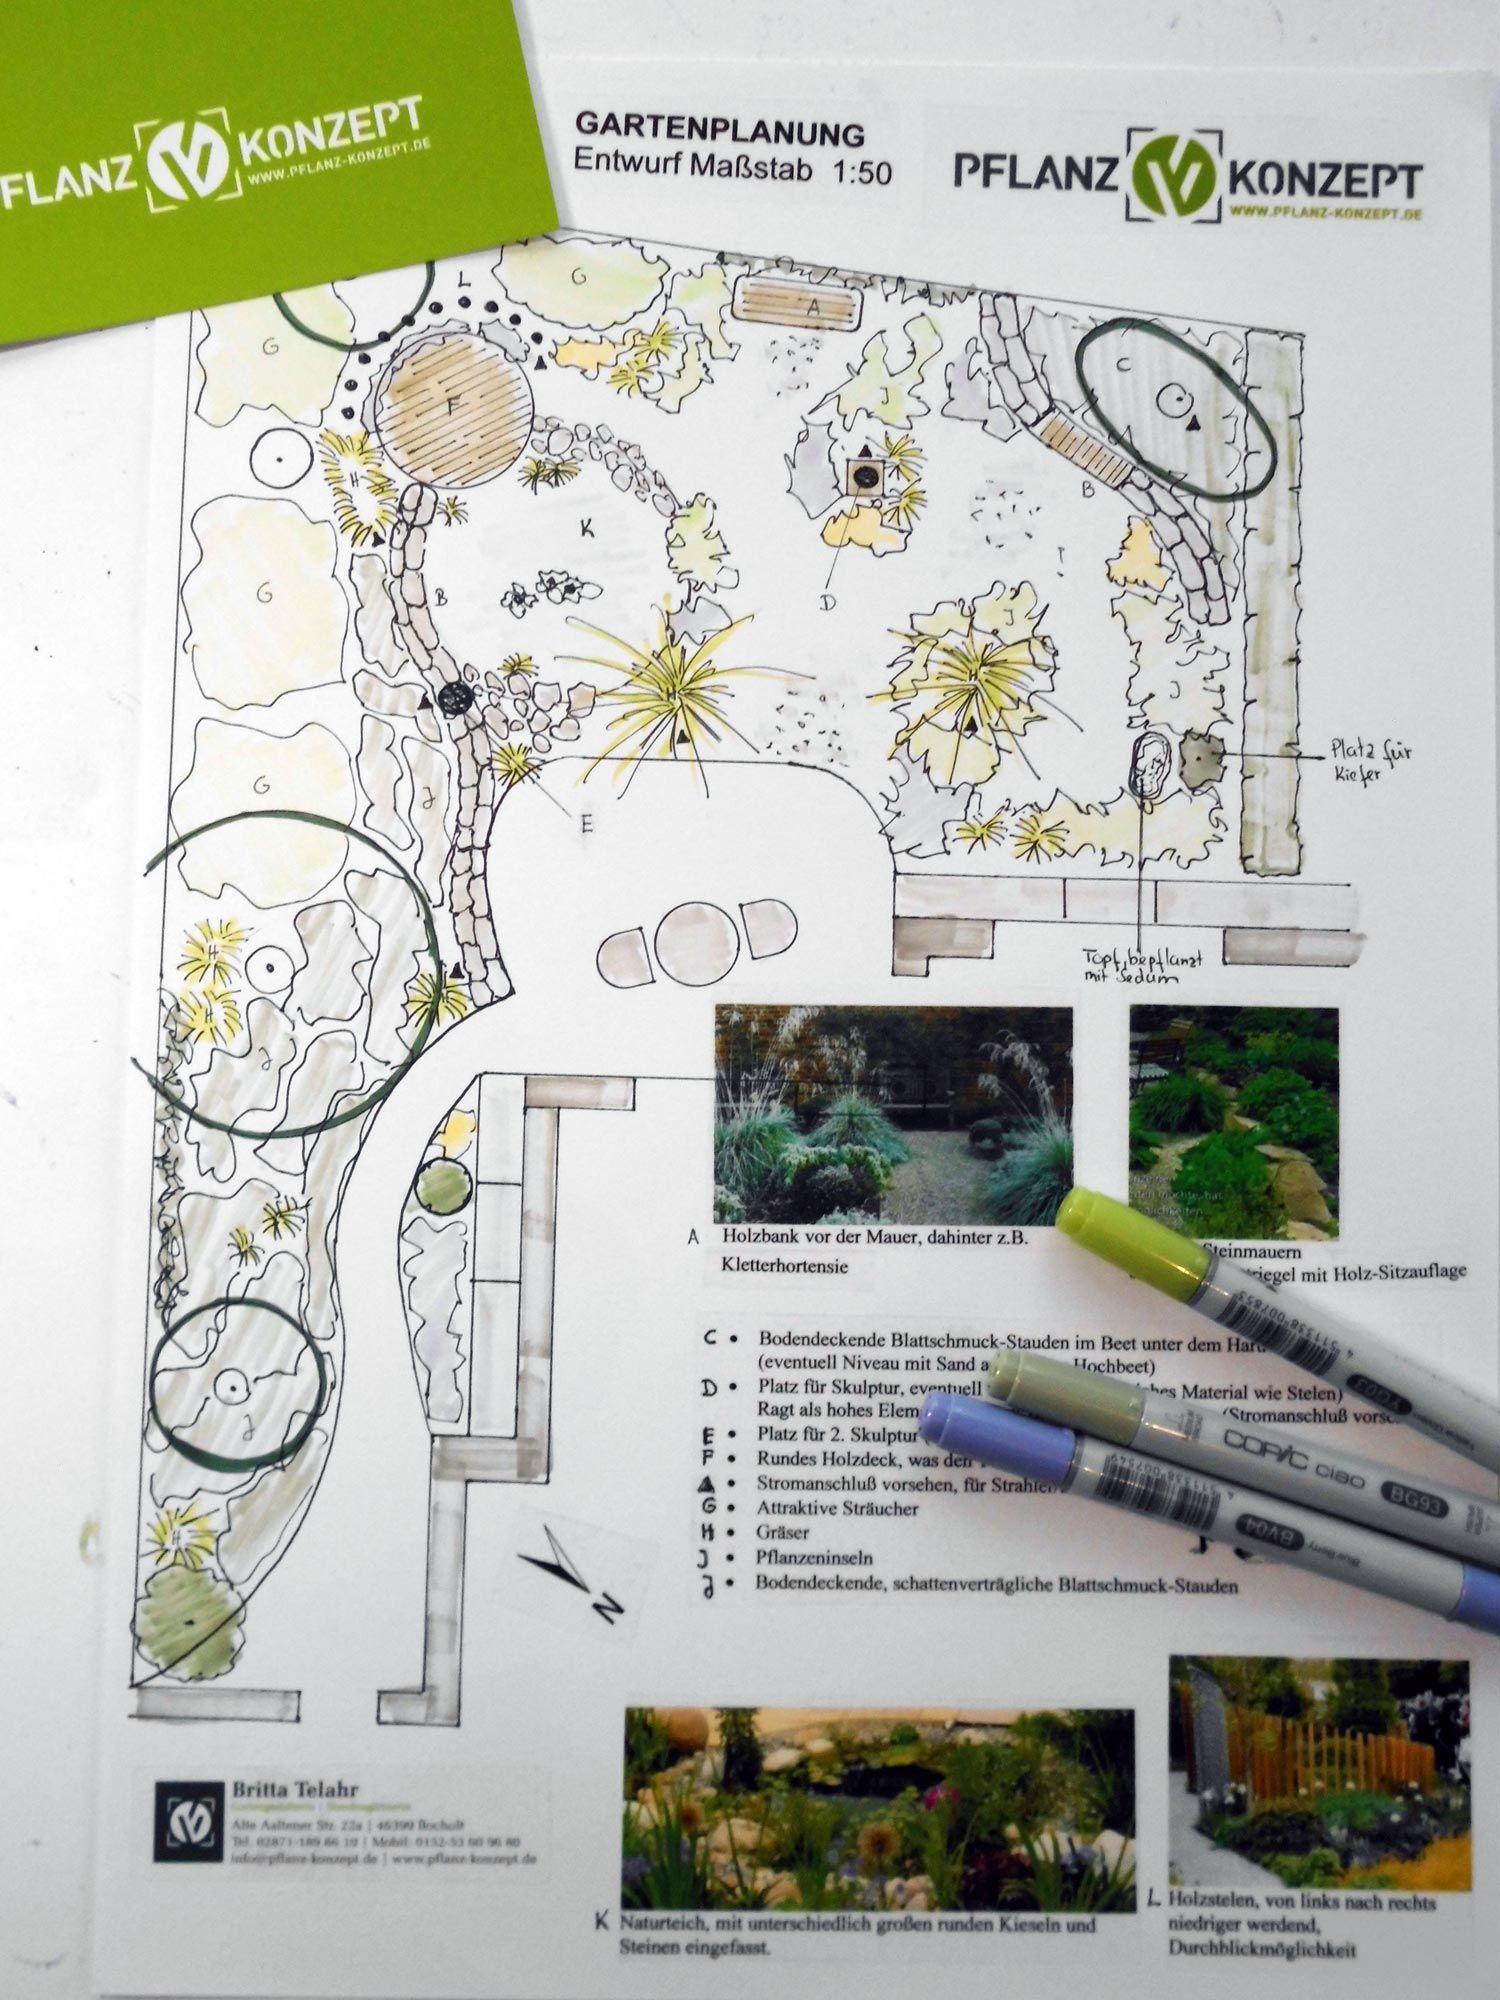 Planung Und Umsetzung Ihres Gartens Pflanz Konzept Garten Pflanzen Pflanzen Garten